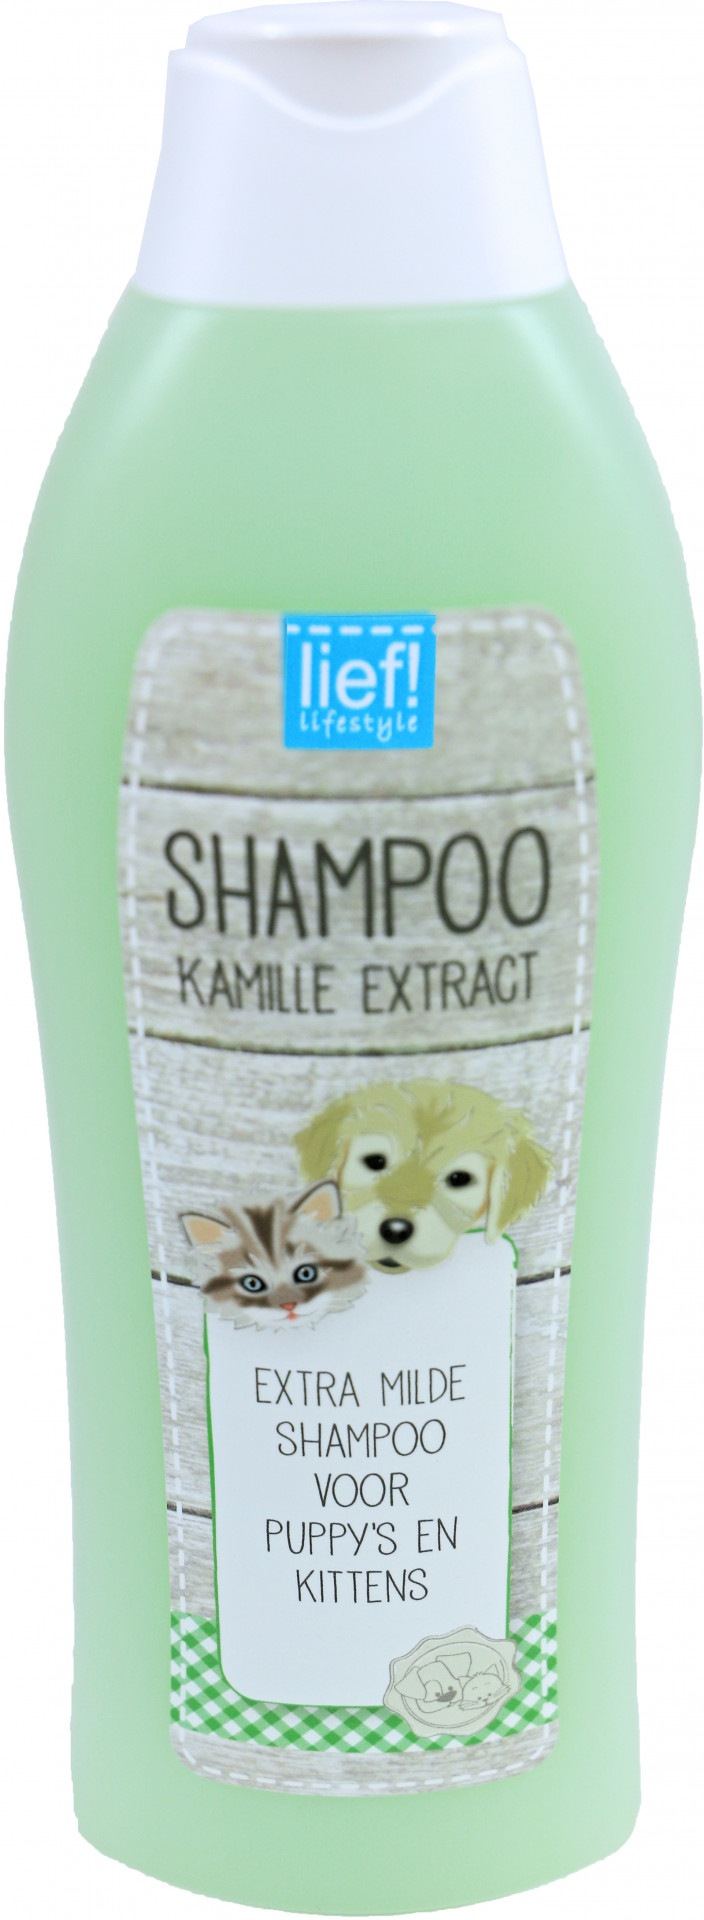 lief! lifestyle shampoo Puppy en Kitten 750 ml